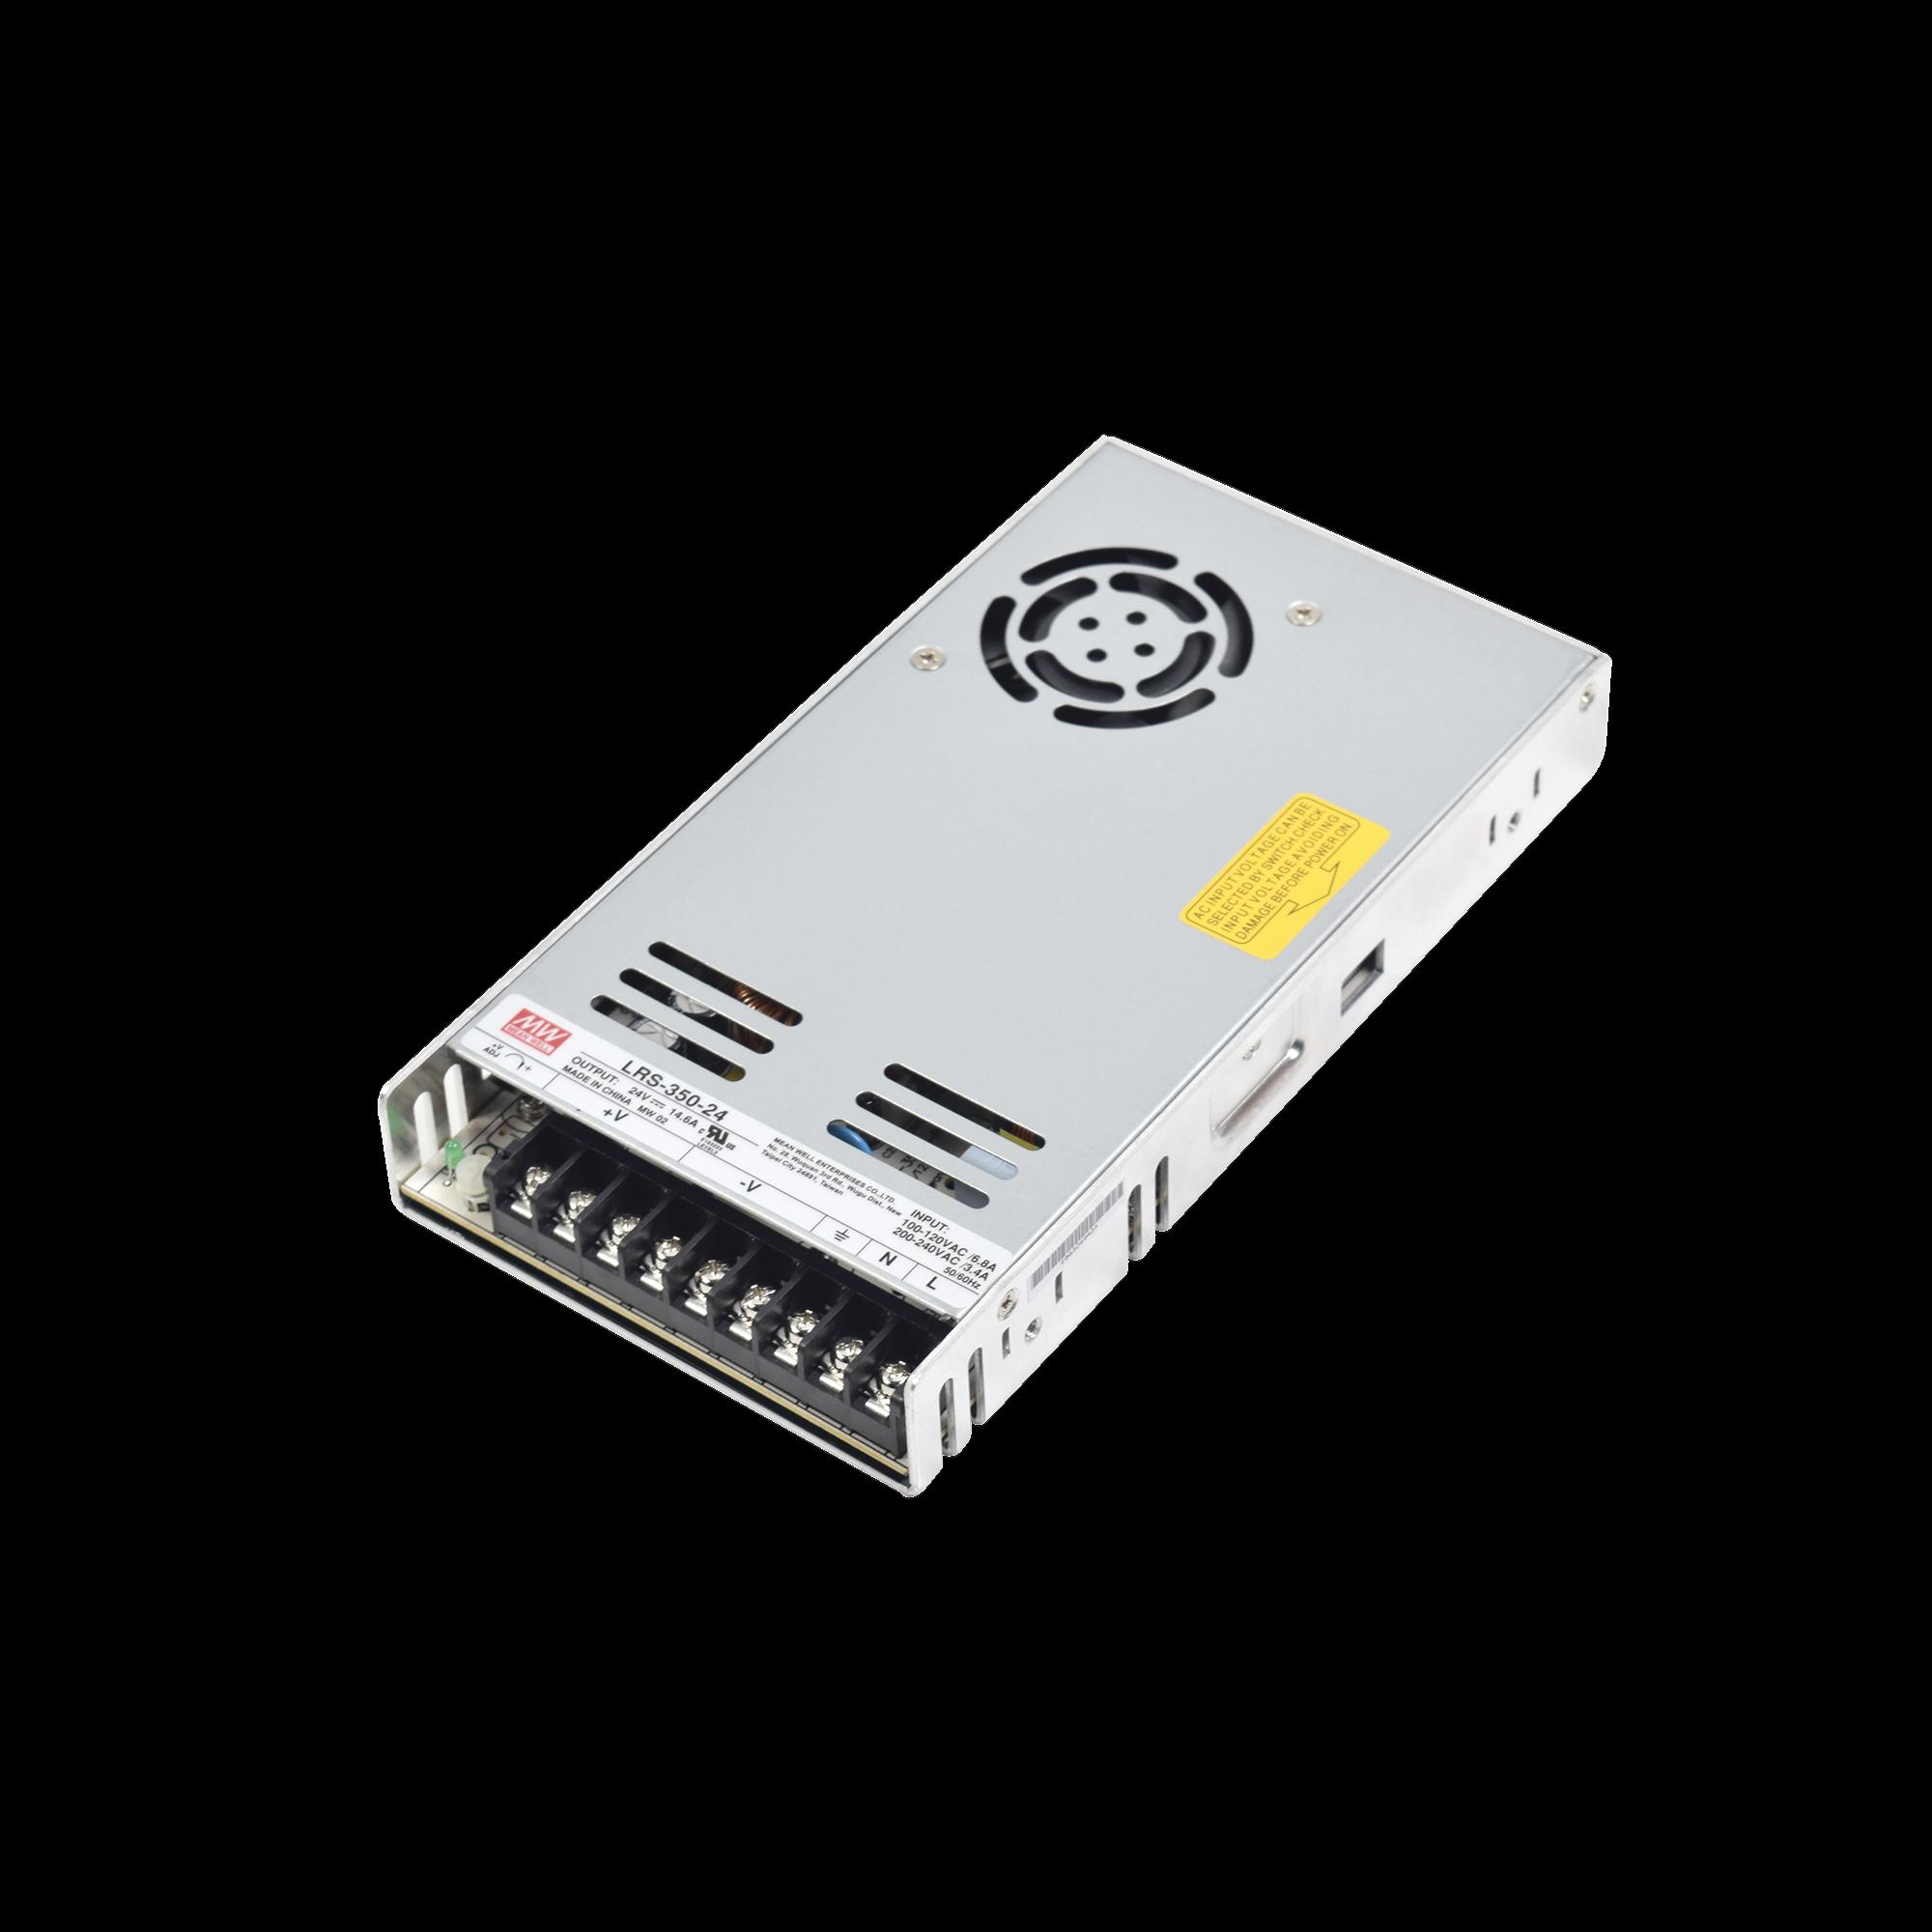 Fuente de alimentacion de 12 y 24 VCD para torniquetes XT1000, XT5000 y XT7000